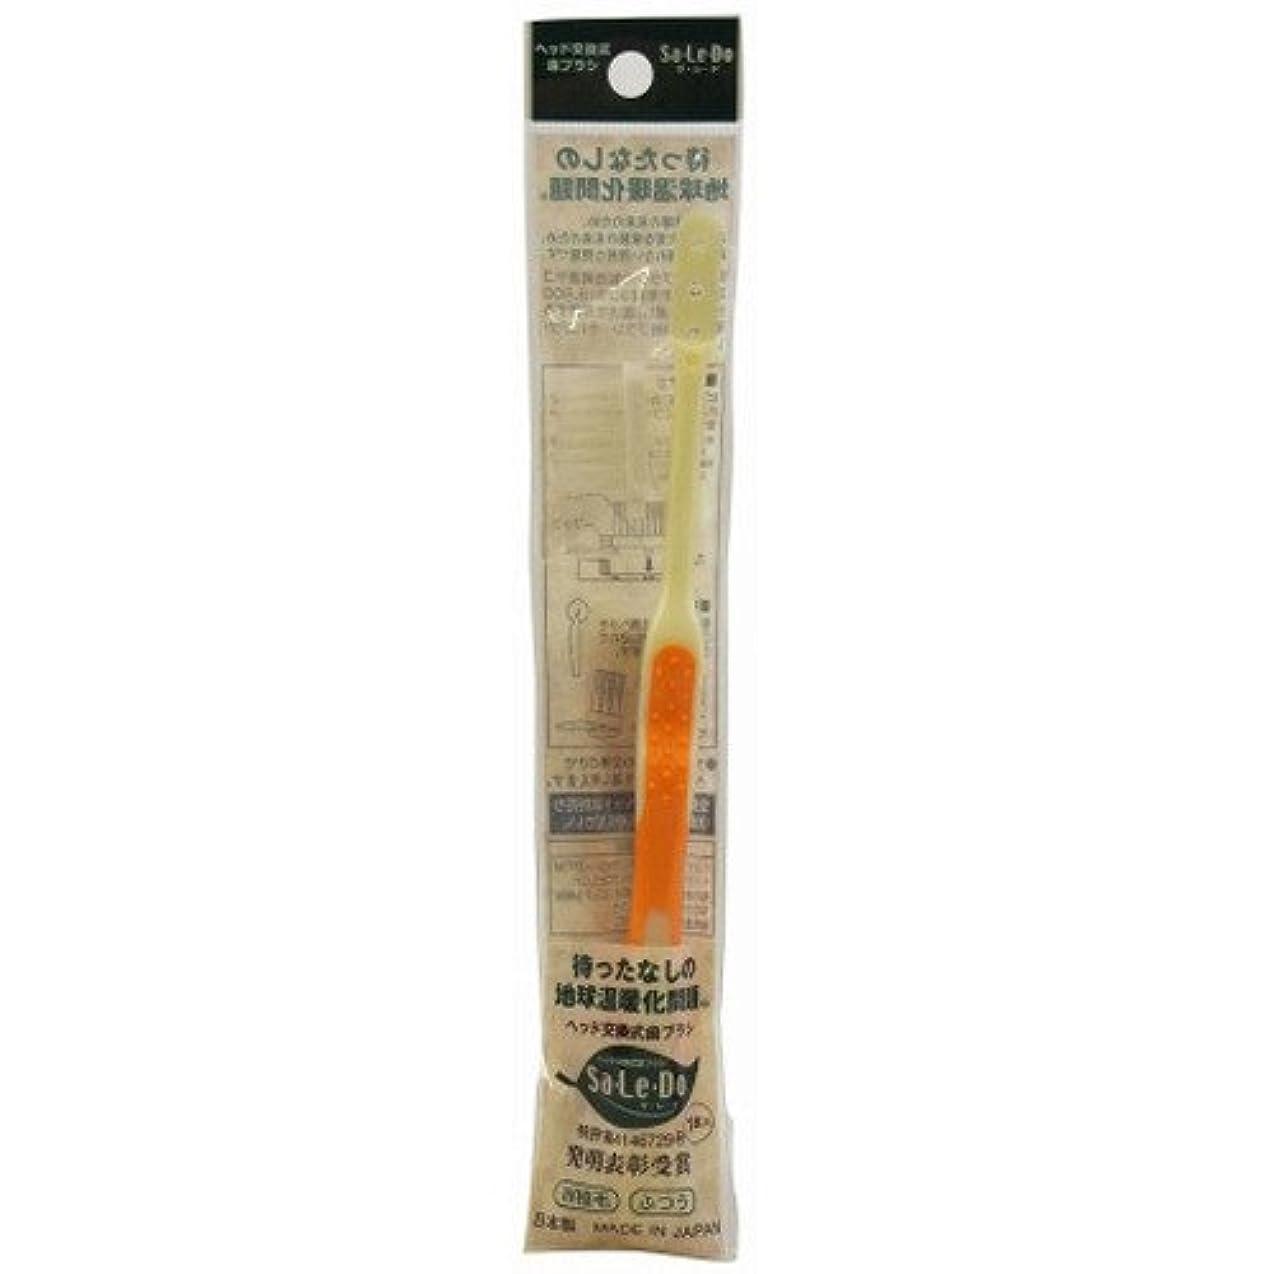 乱用二層バズサレド ヘッド交換式歯ブラシ お試しセット レギュラーヘッド オレンジ